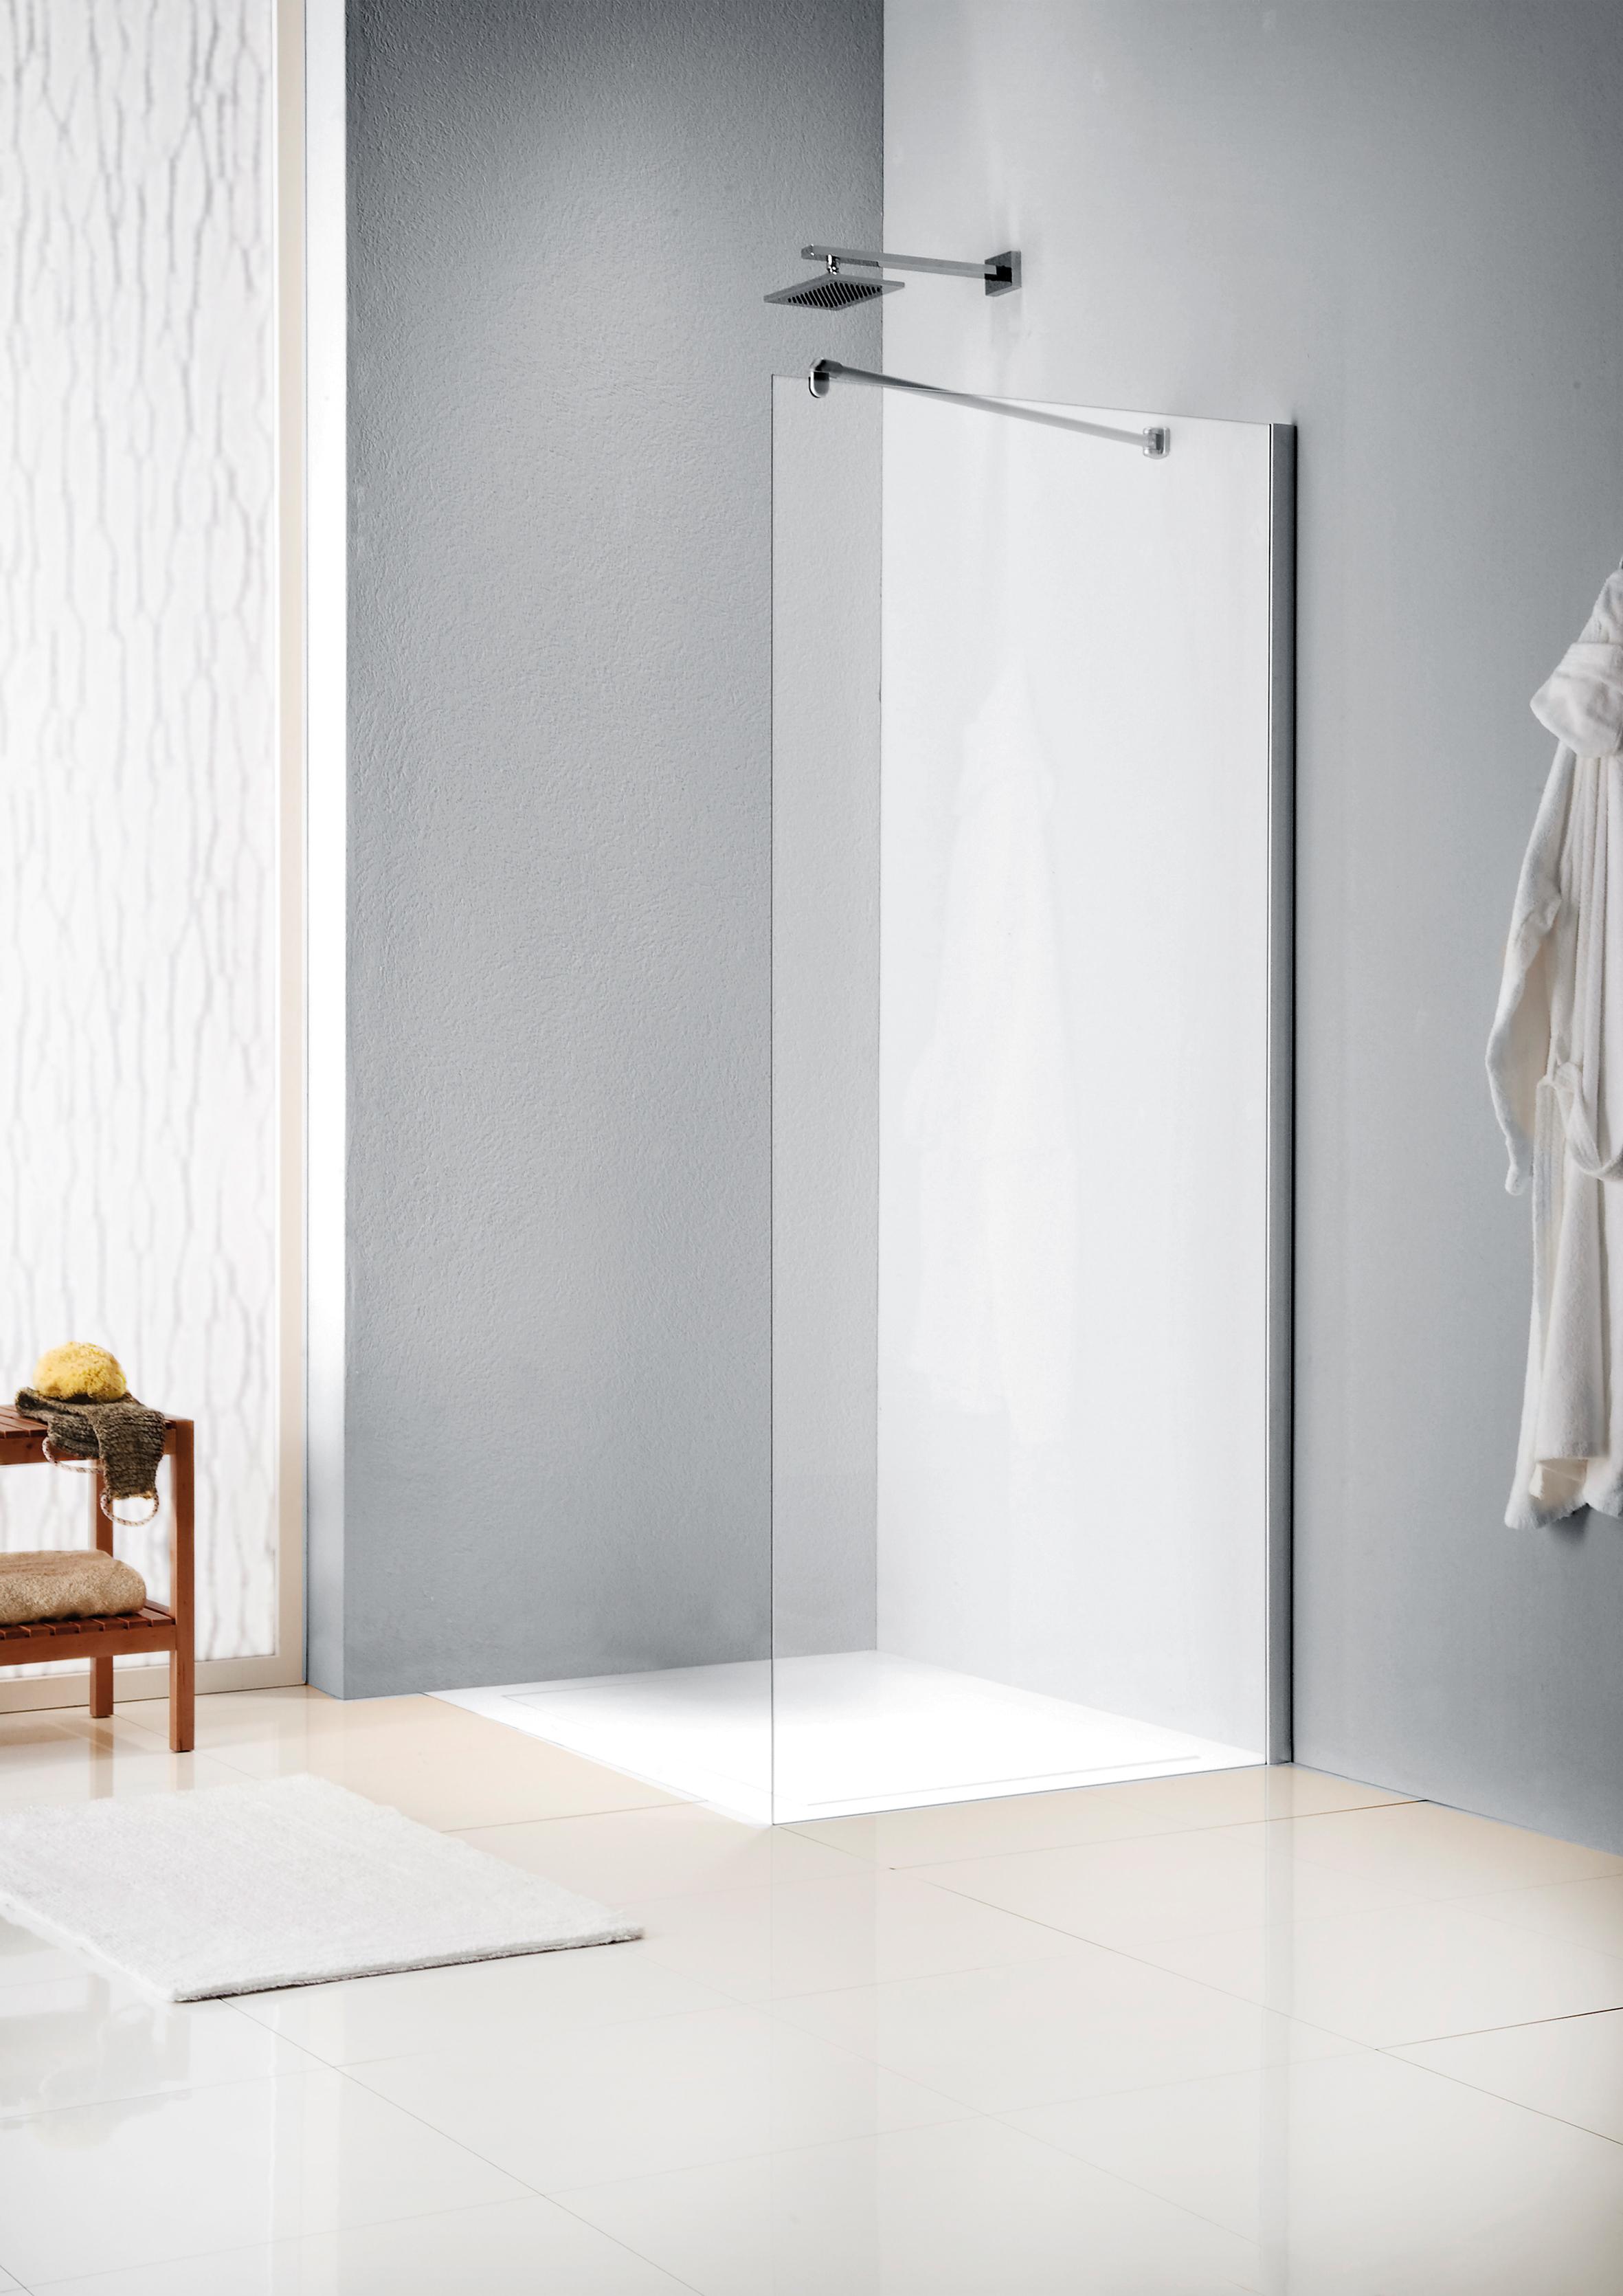 Sealskin Get Wet W205 inloopdouche 120x200cm mat zilver profiel en helder glas voorzien van antikalk